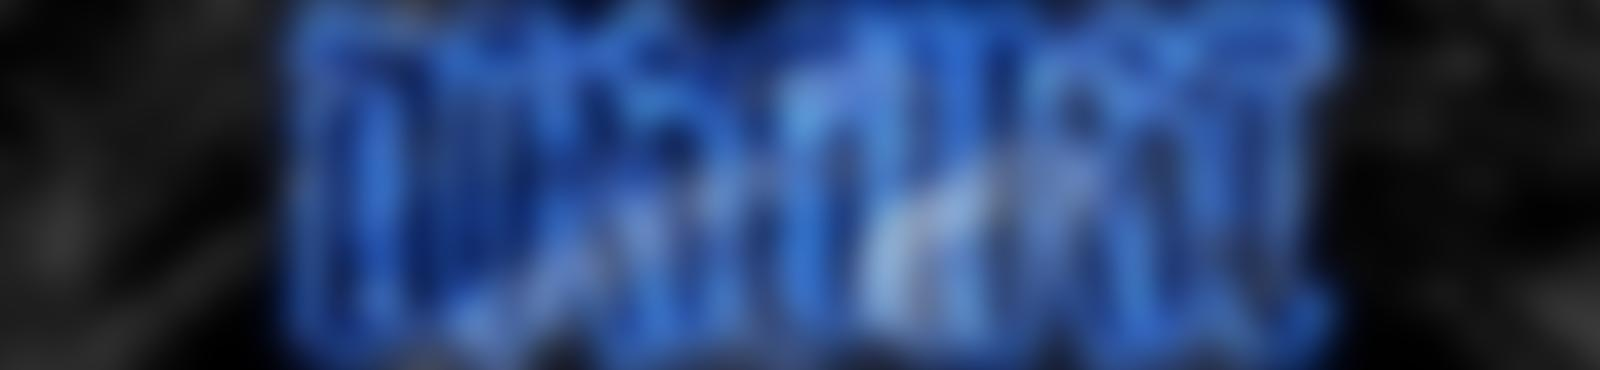 Blurred 1865e412 5f8c 4ee0 b3a2 6f3f7a636038